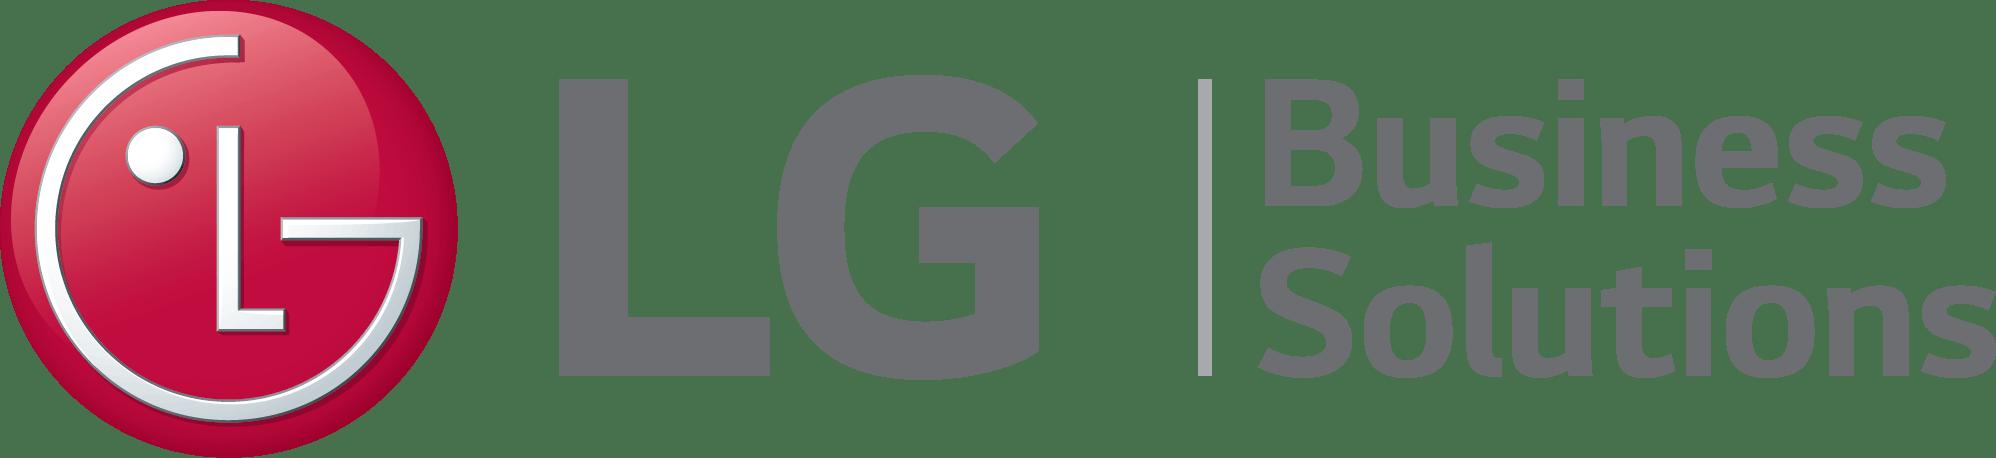 LG - Projectors